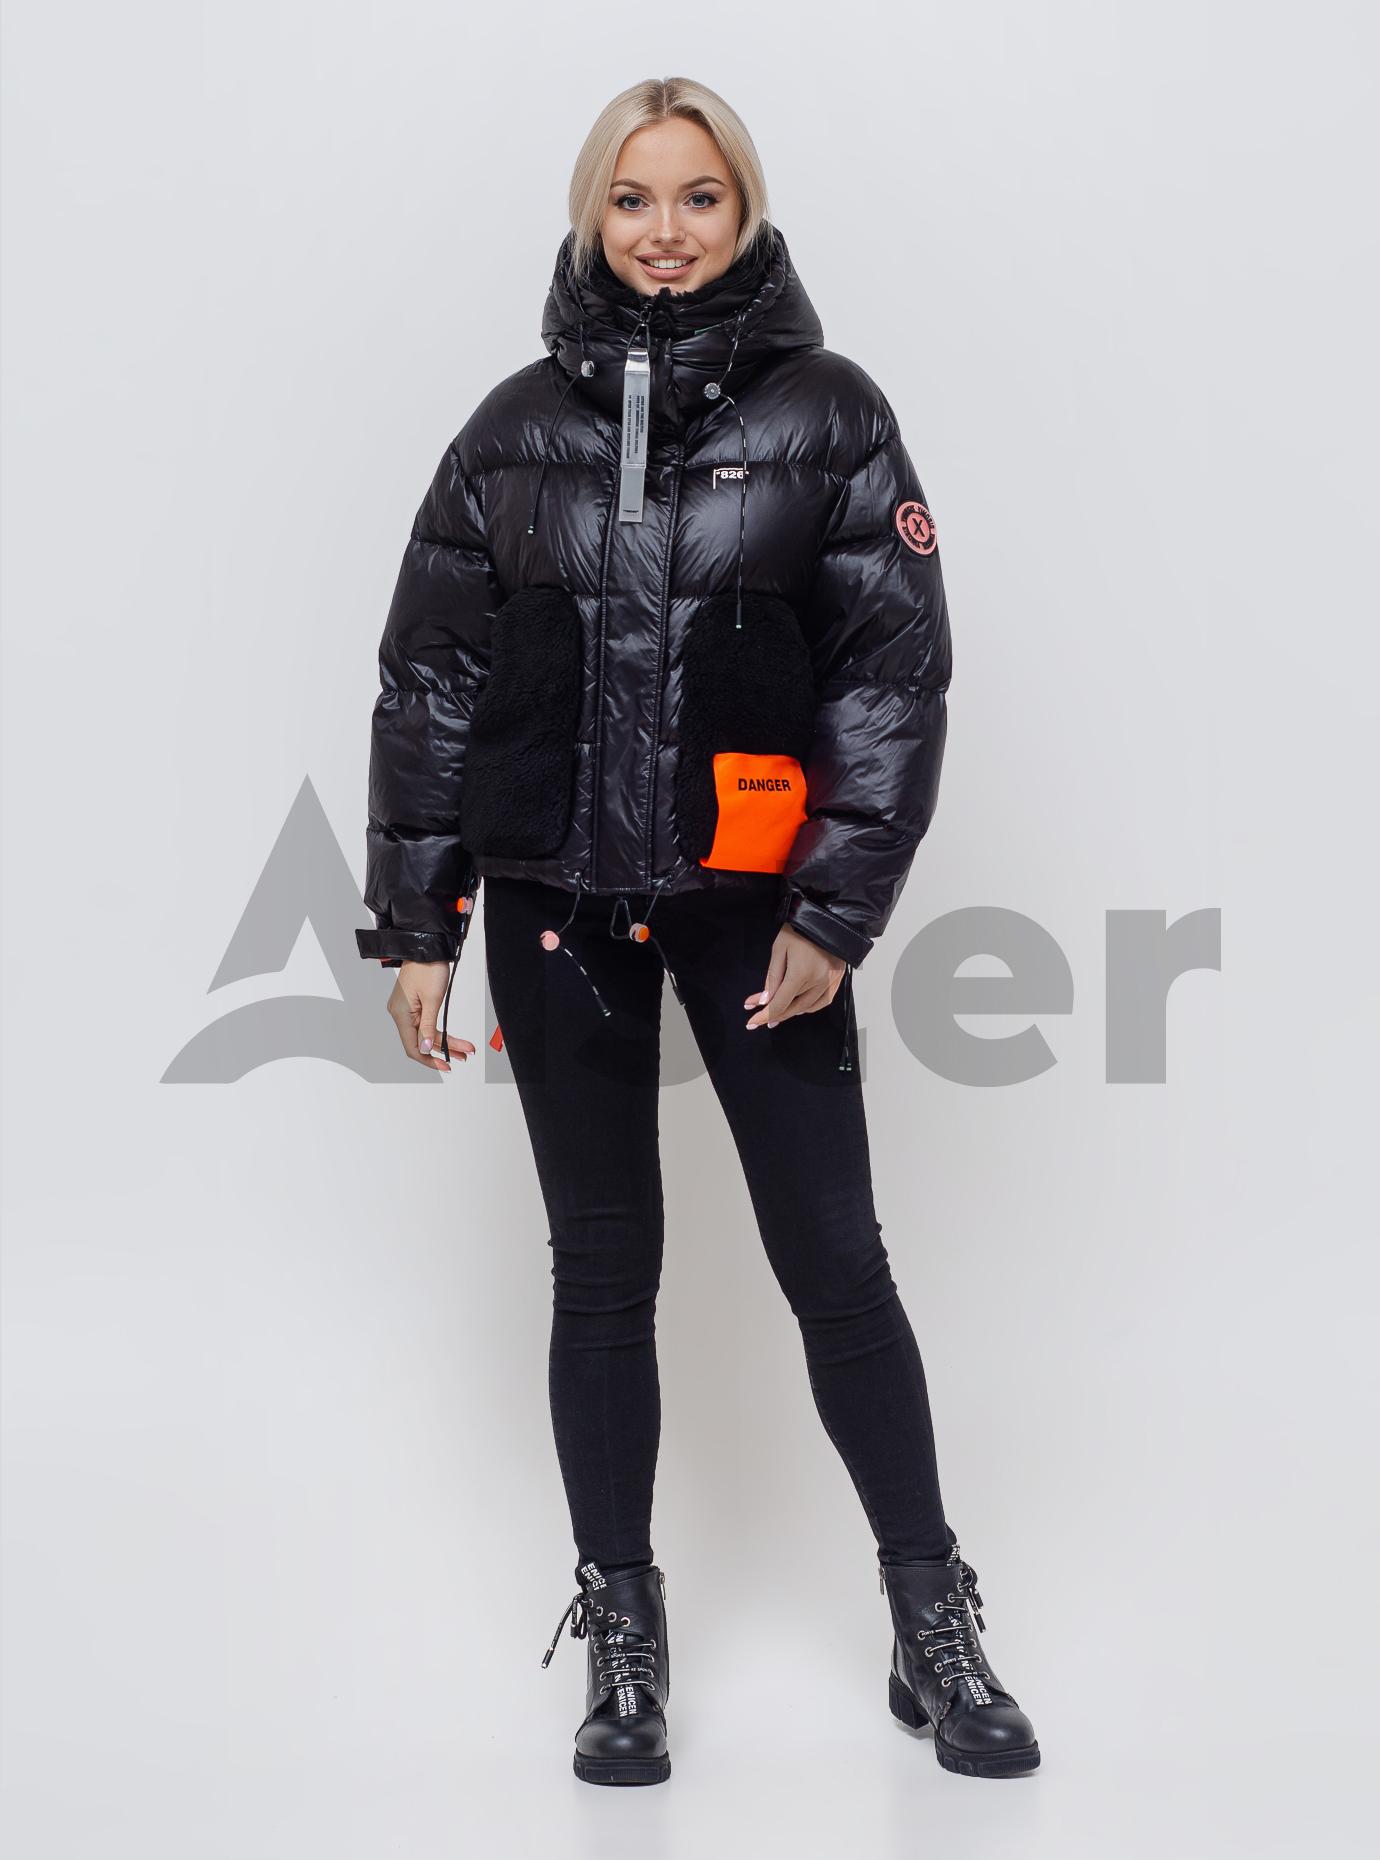 Женский пуховик с капюшоном Чёрный M (05-SV201175): фото - Alster.ua